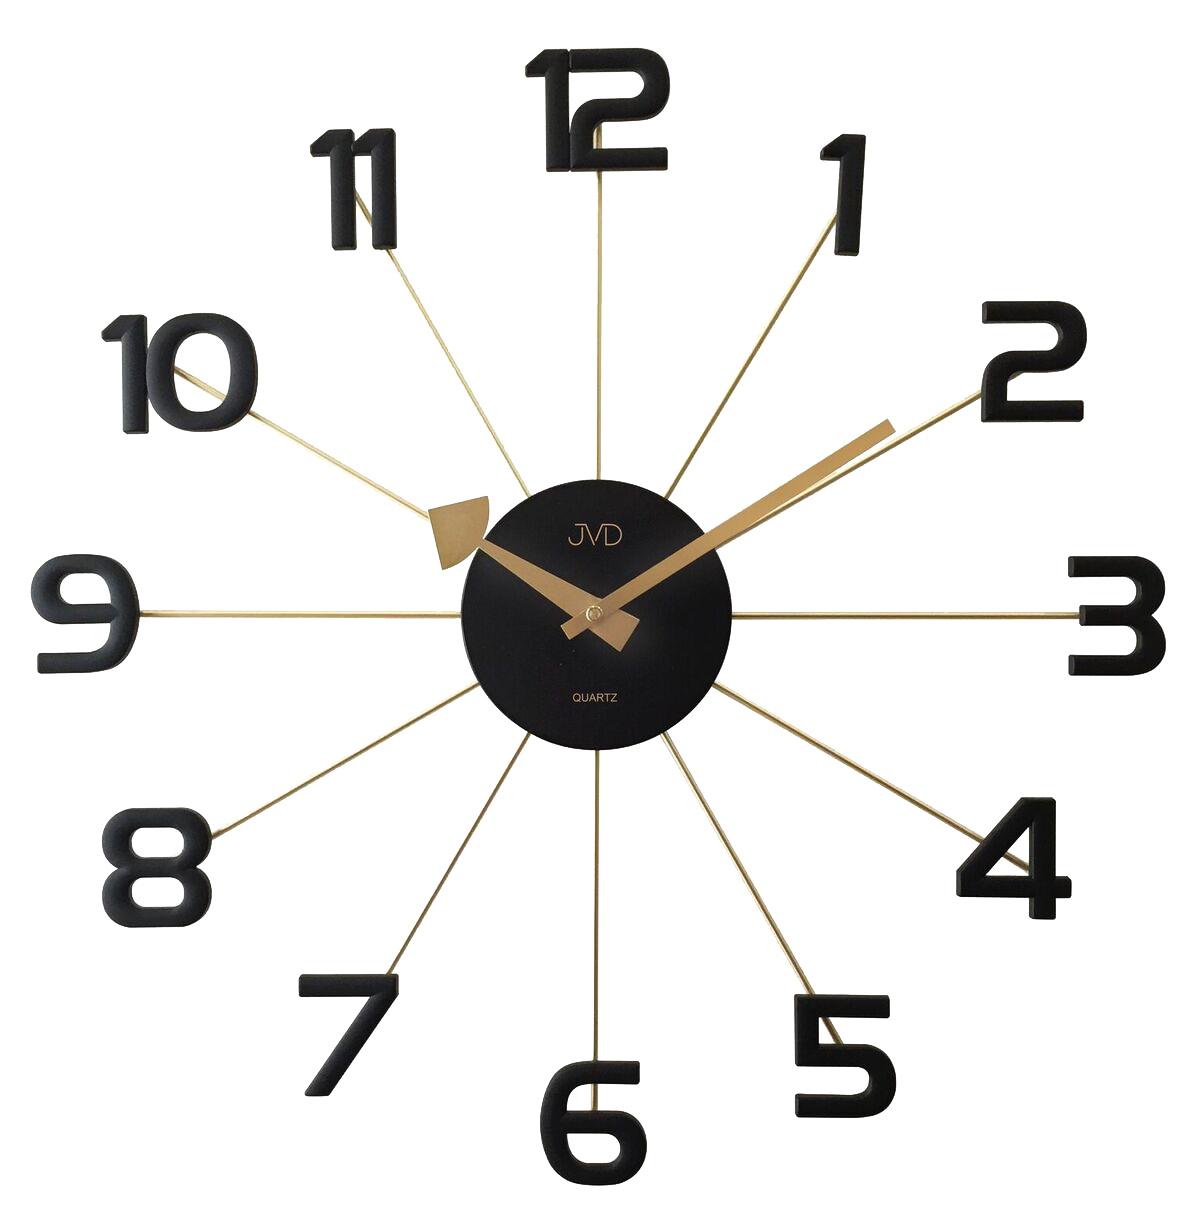 Černožluté paprskovité kovové hodiny JVD HT072.2 s číslicemi (POŠTOVNÉ ZDARMA!!)